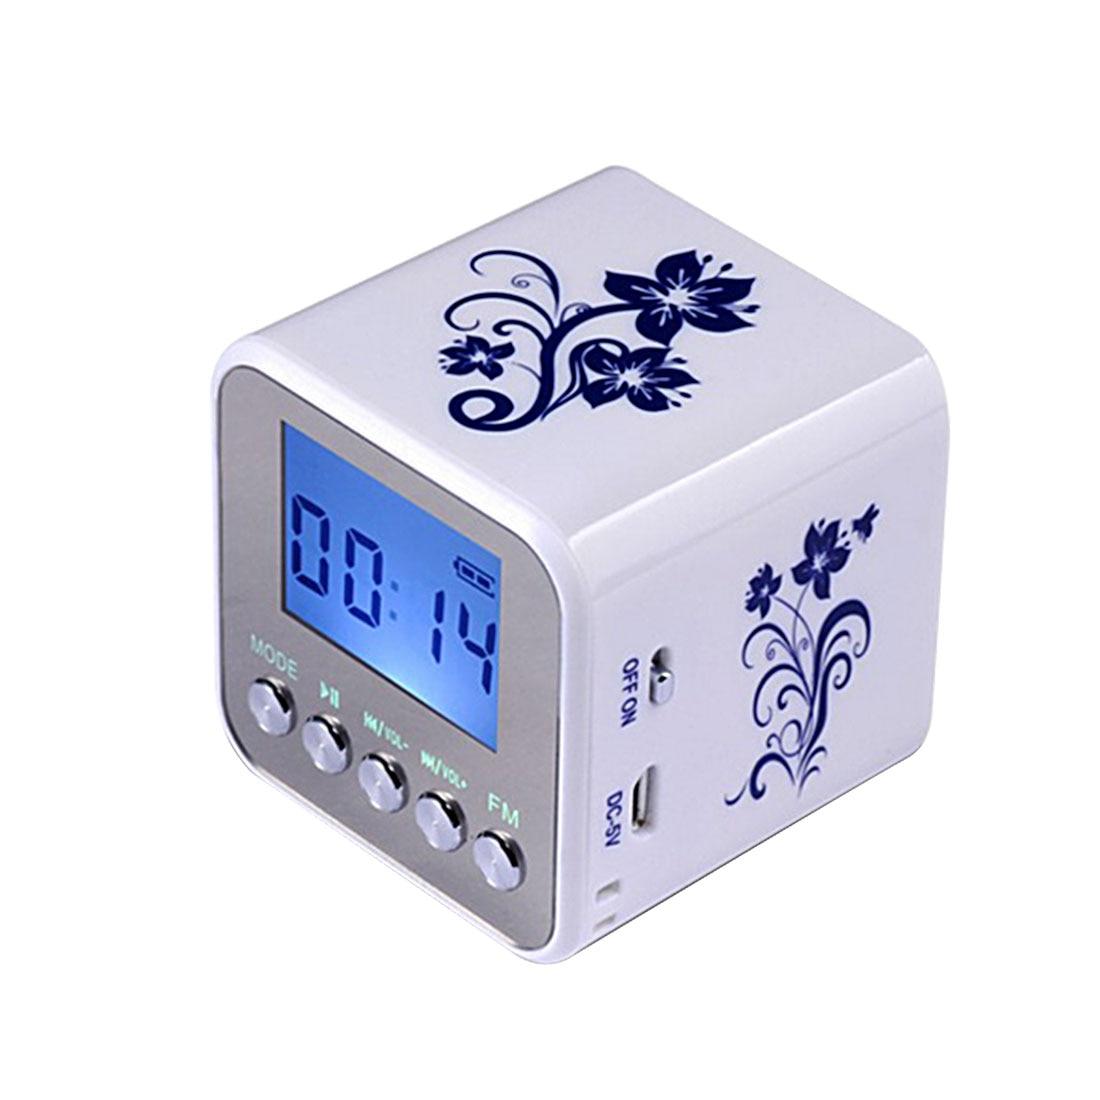 Radio Marsnaska Marke Neue Tt032 Mini Tragbare Digitale Fm Radio Tragbare Radios Unterstützung Sd Karte Lautsprecher Usb Mp3 Spieler Mit Uhr AusgewäHltes Material Tragbares Audio & Video